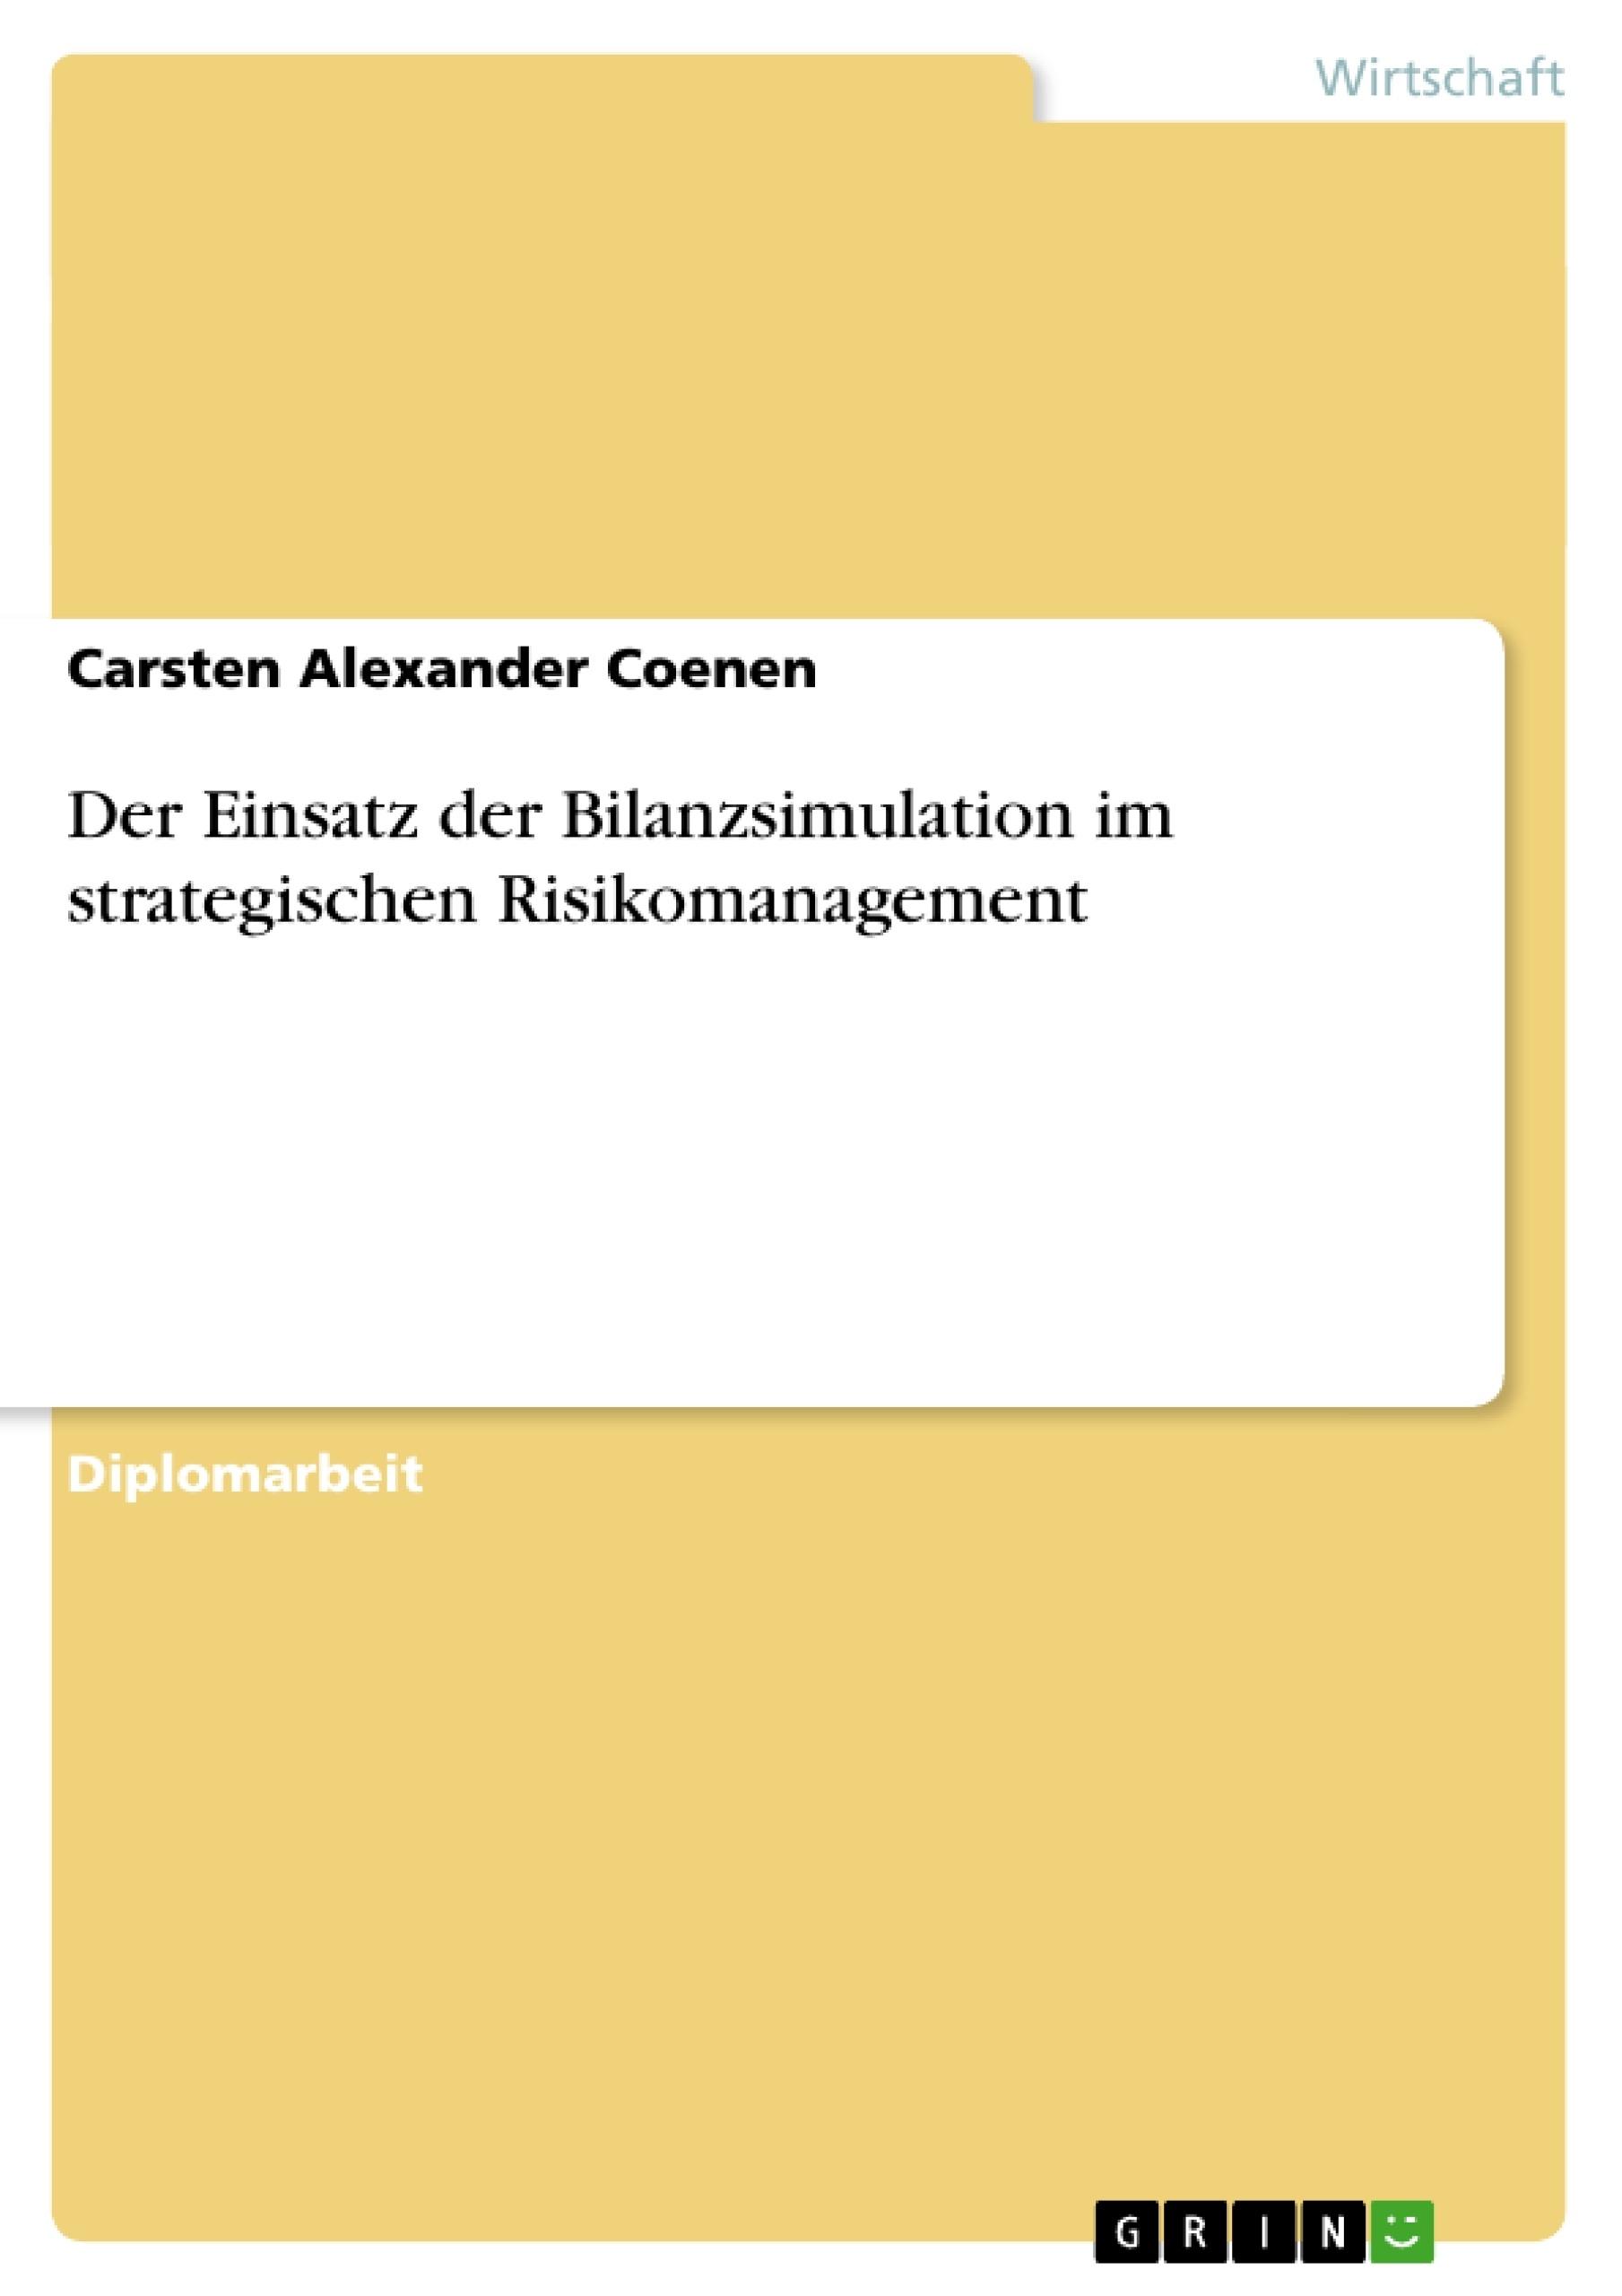 Titel: Der Einsatz der Bilanzsimulation im strategischen Risikomanagement